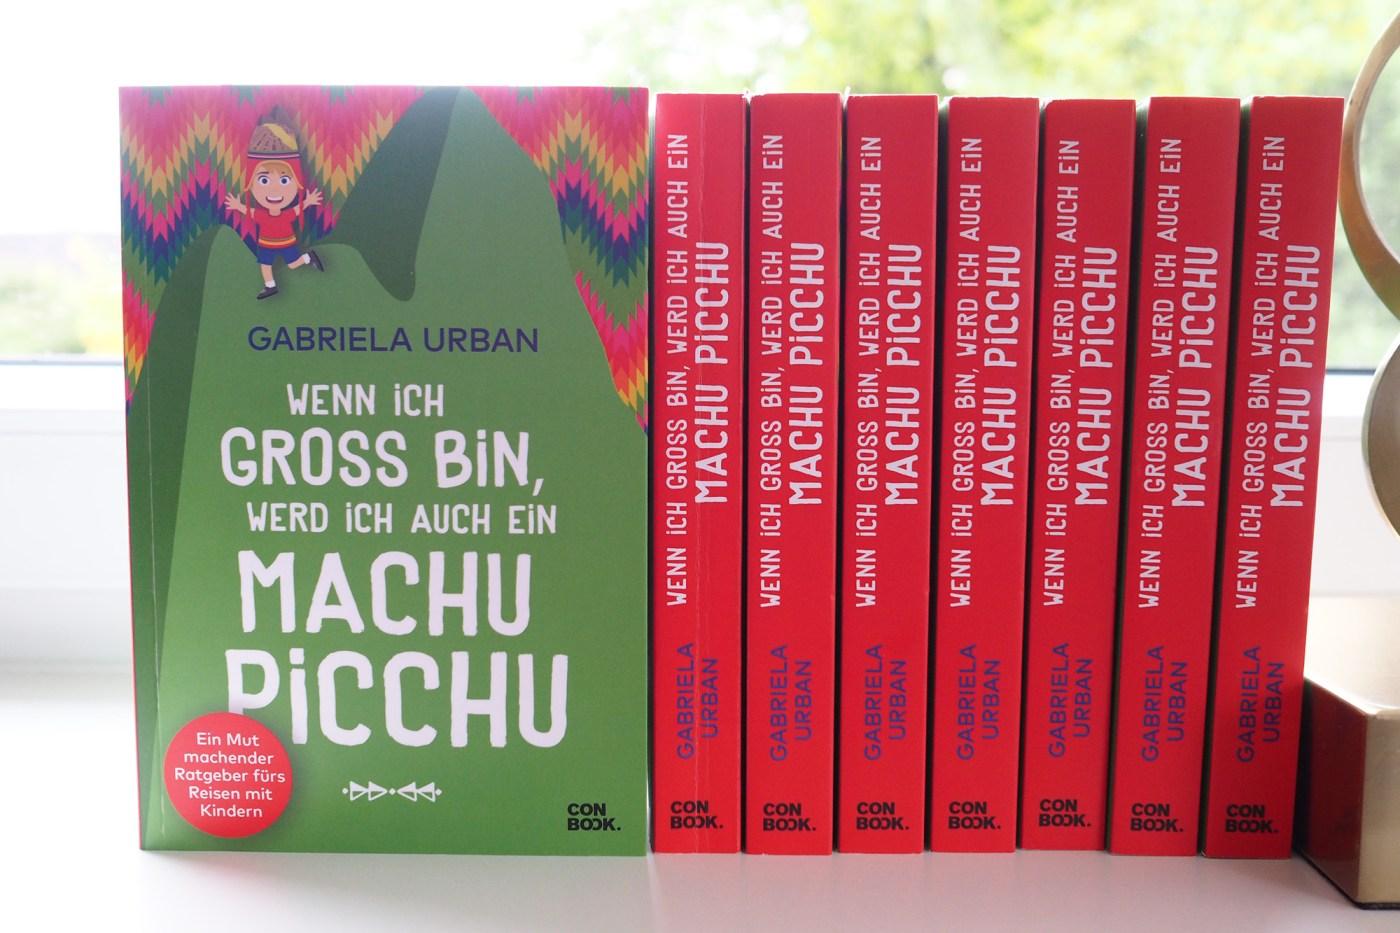 Ein Mut machender Ratgeber fürs Reisen mit Kindern – Wenn ich groß bin, werd' ich auch ein Machu Picchu